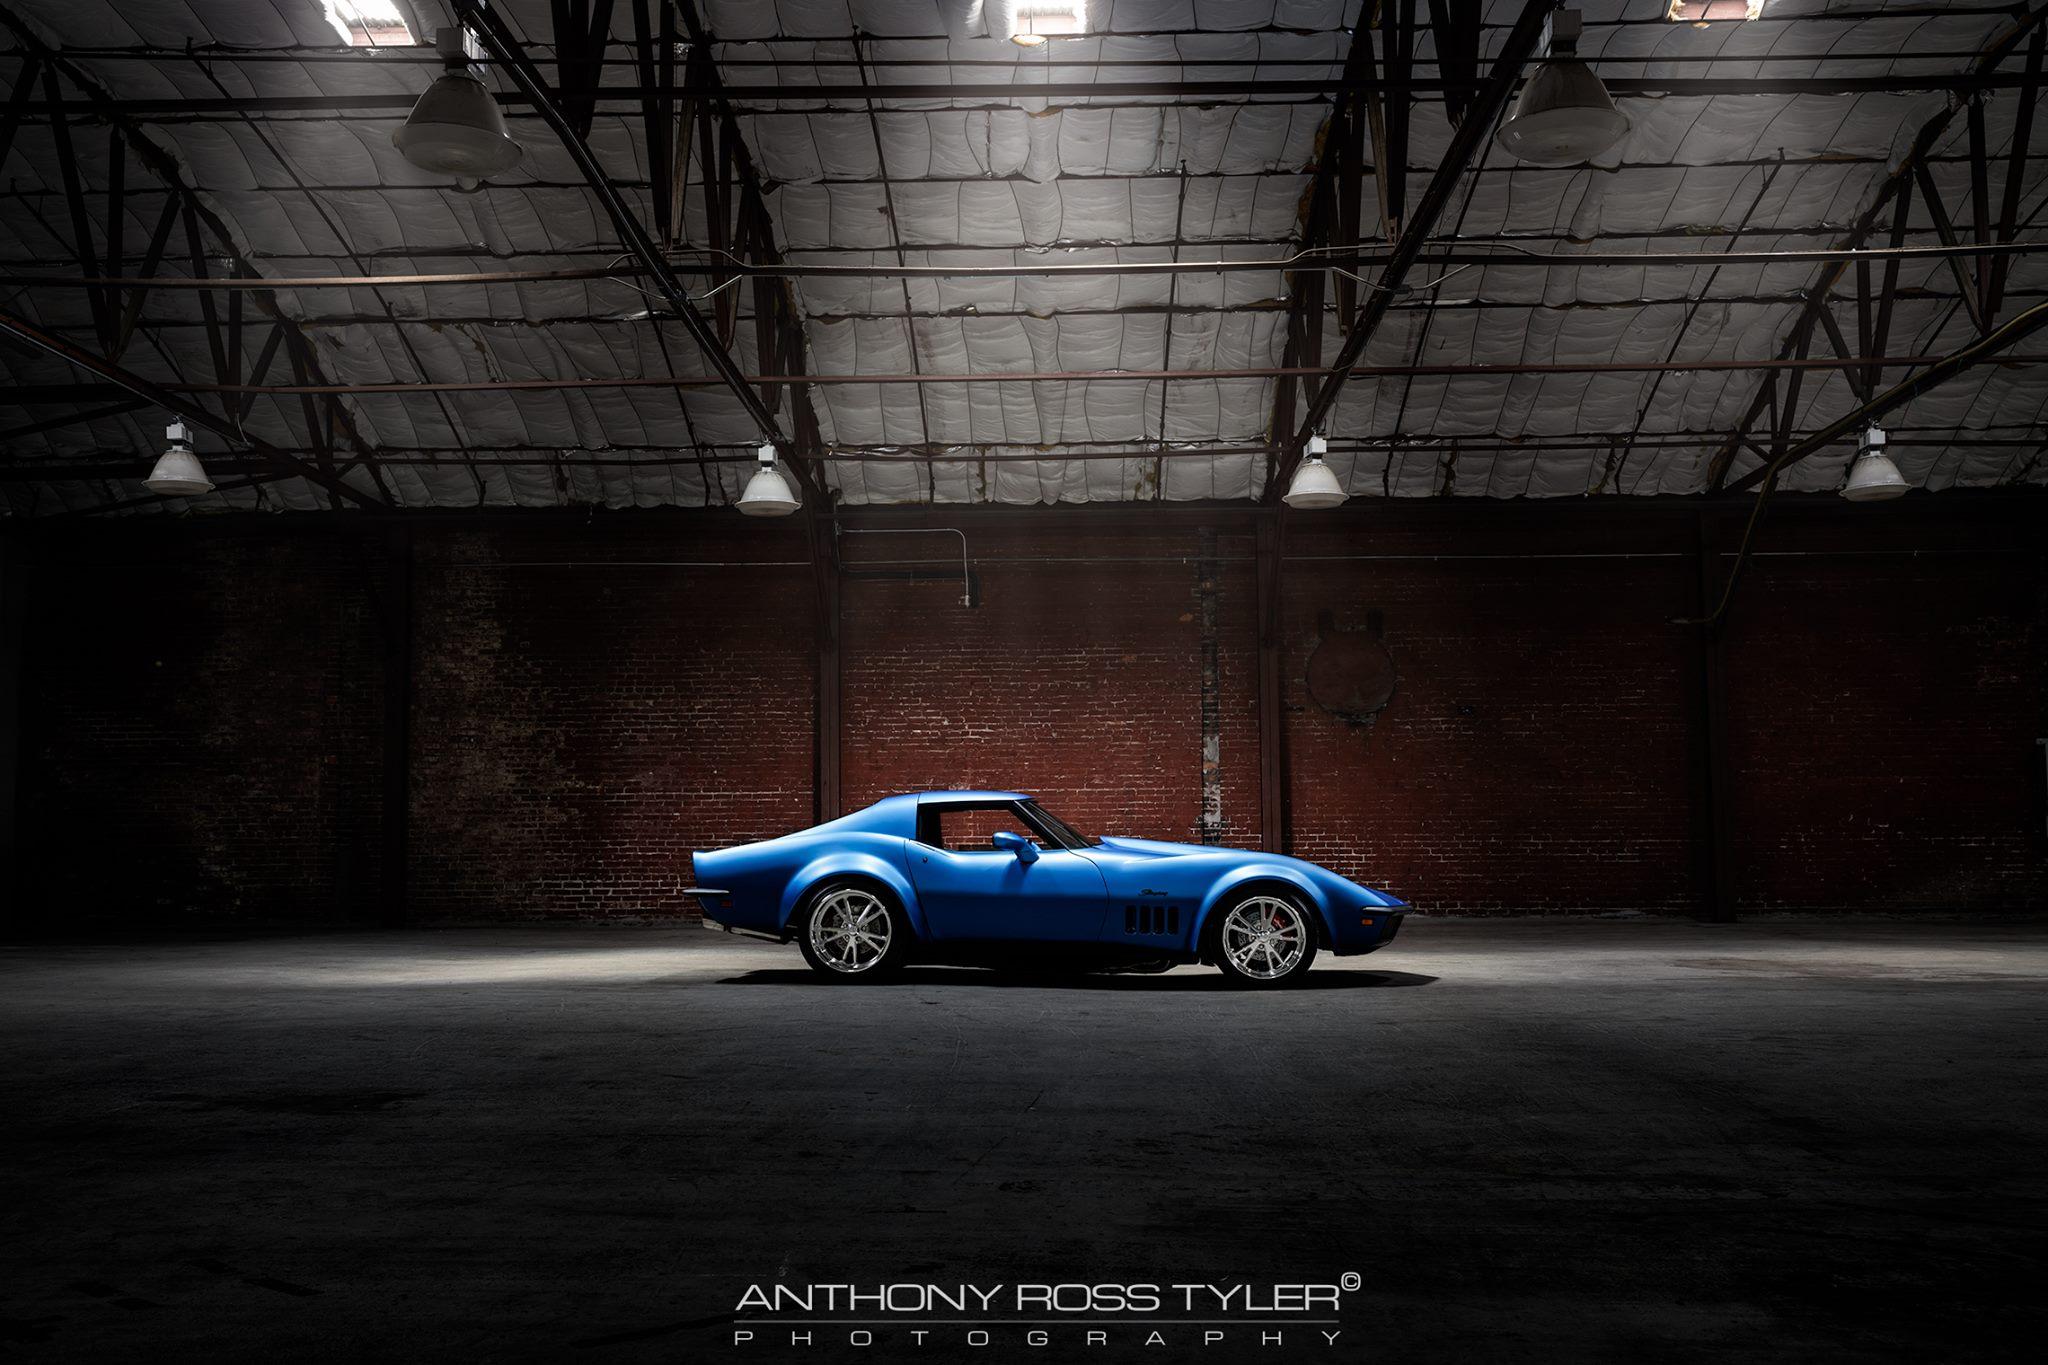 1969 Pro-Touring Corvette - Custom Image Corvettes